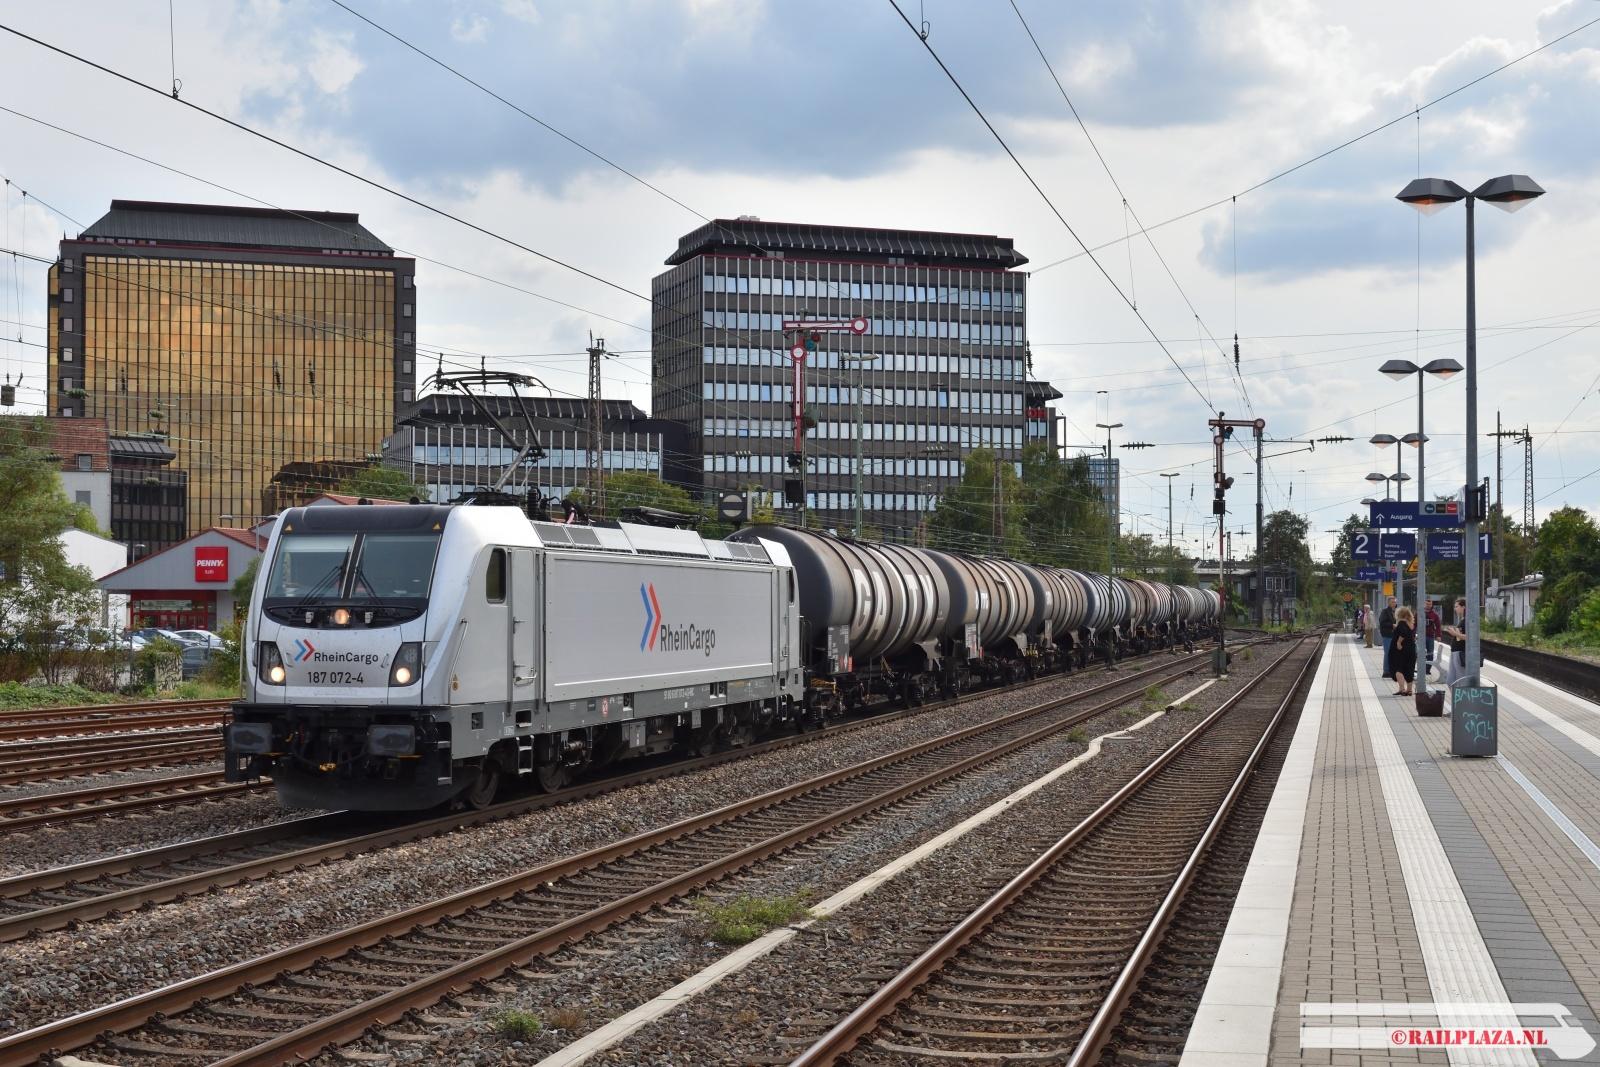 187 072 - Düsseldorf Rath